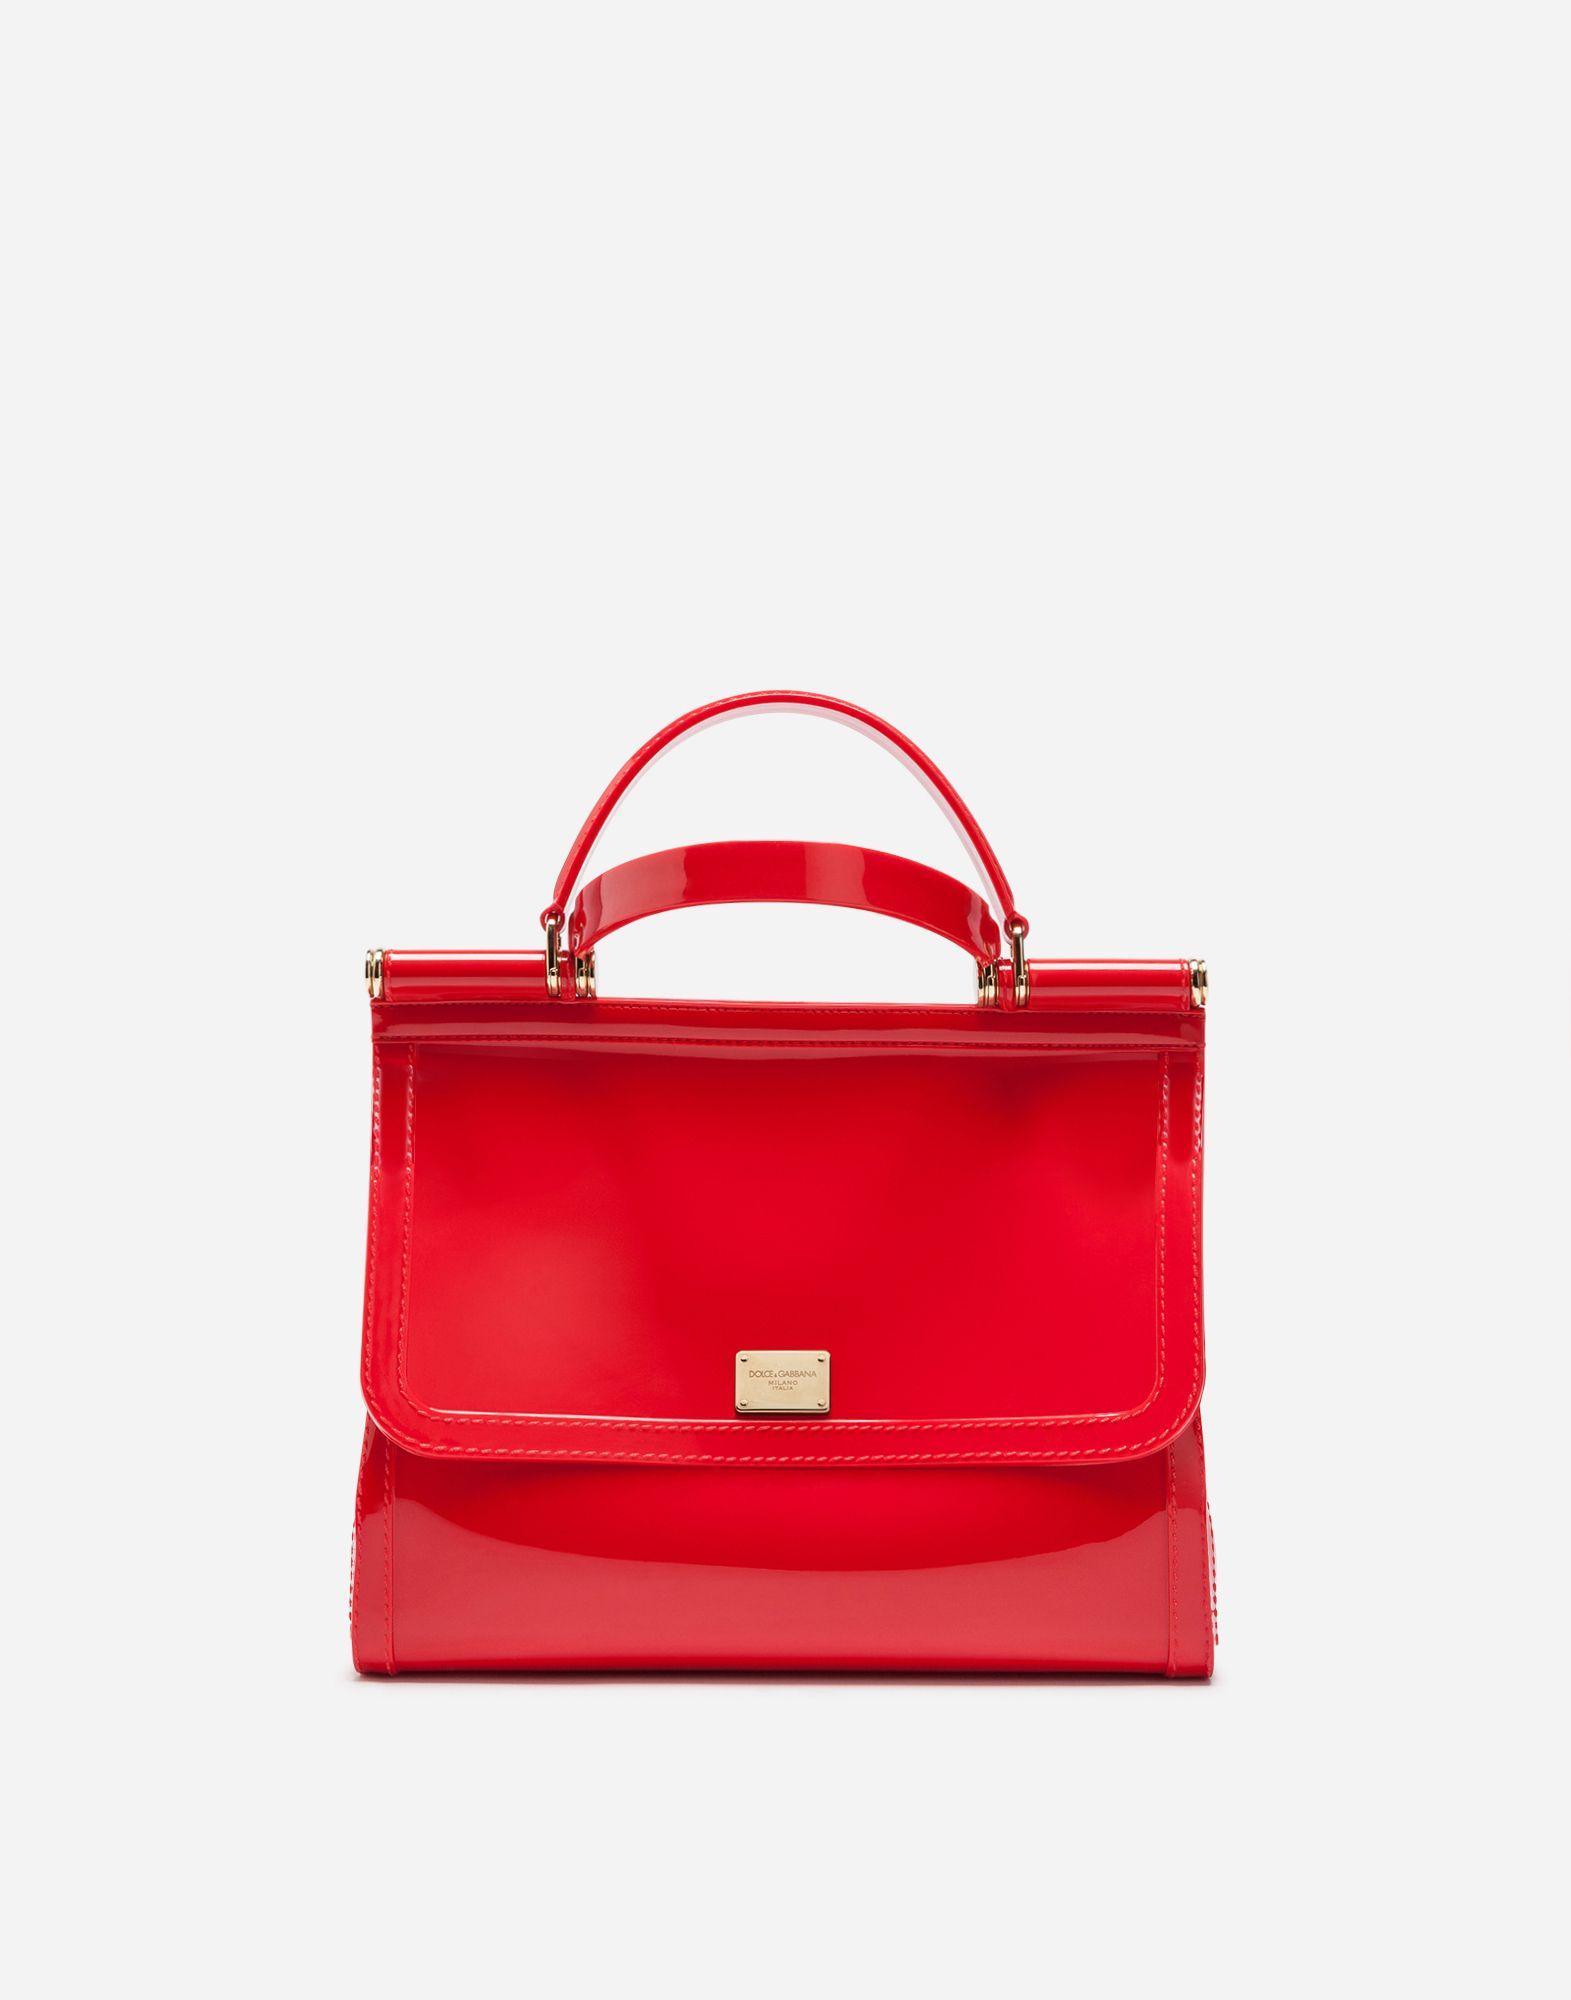 decbb2e61263 Dolce   Gabbana - Semi-transparent rubber red Sicily handbag ( 995)